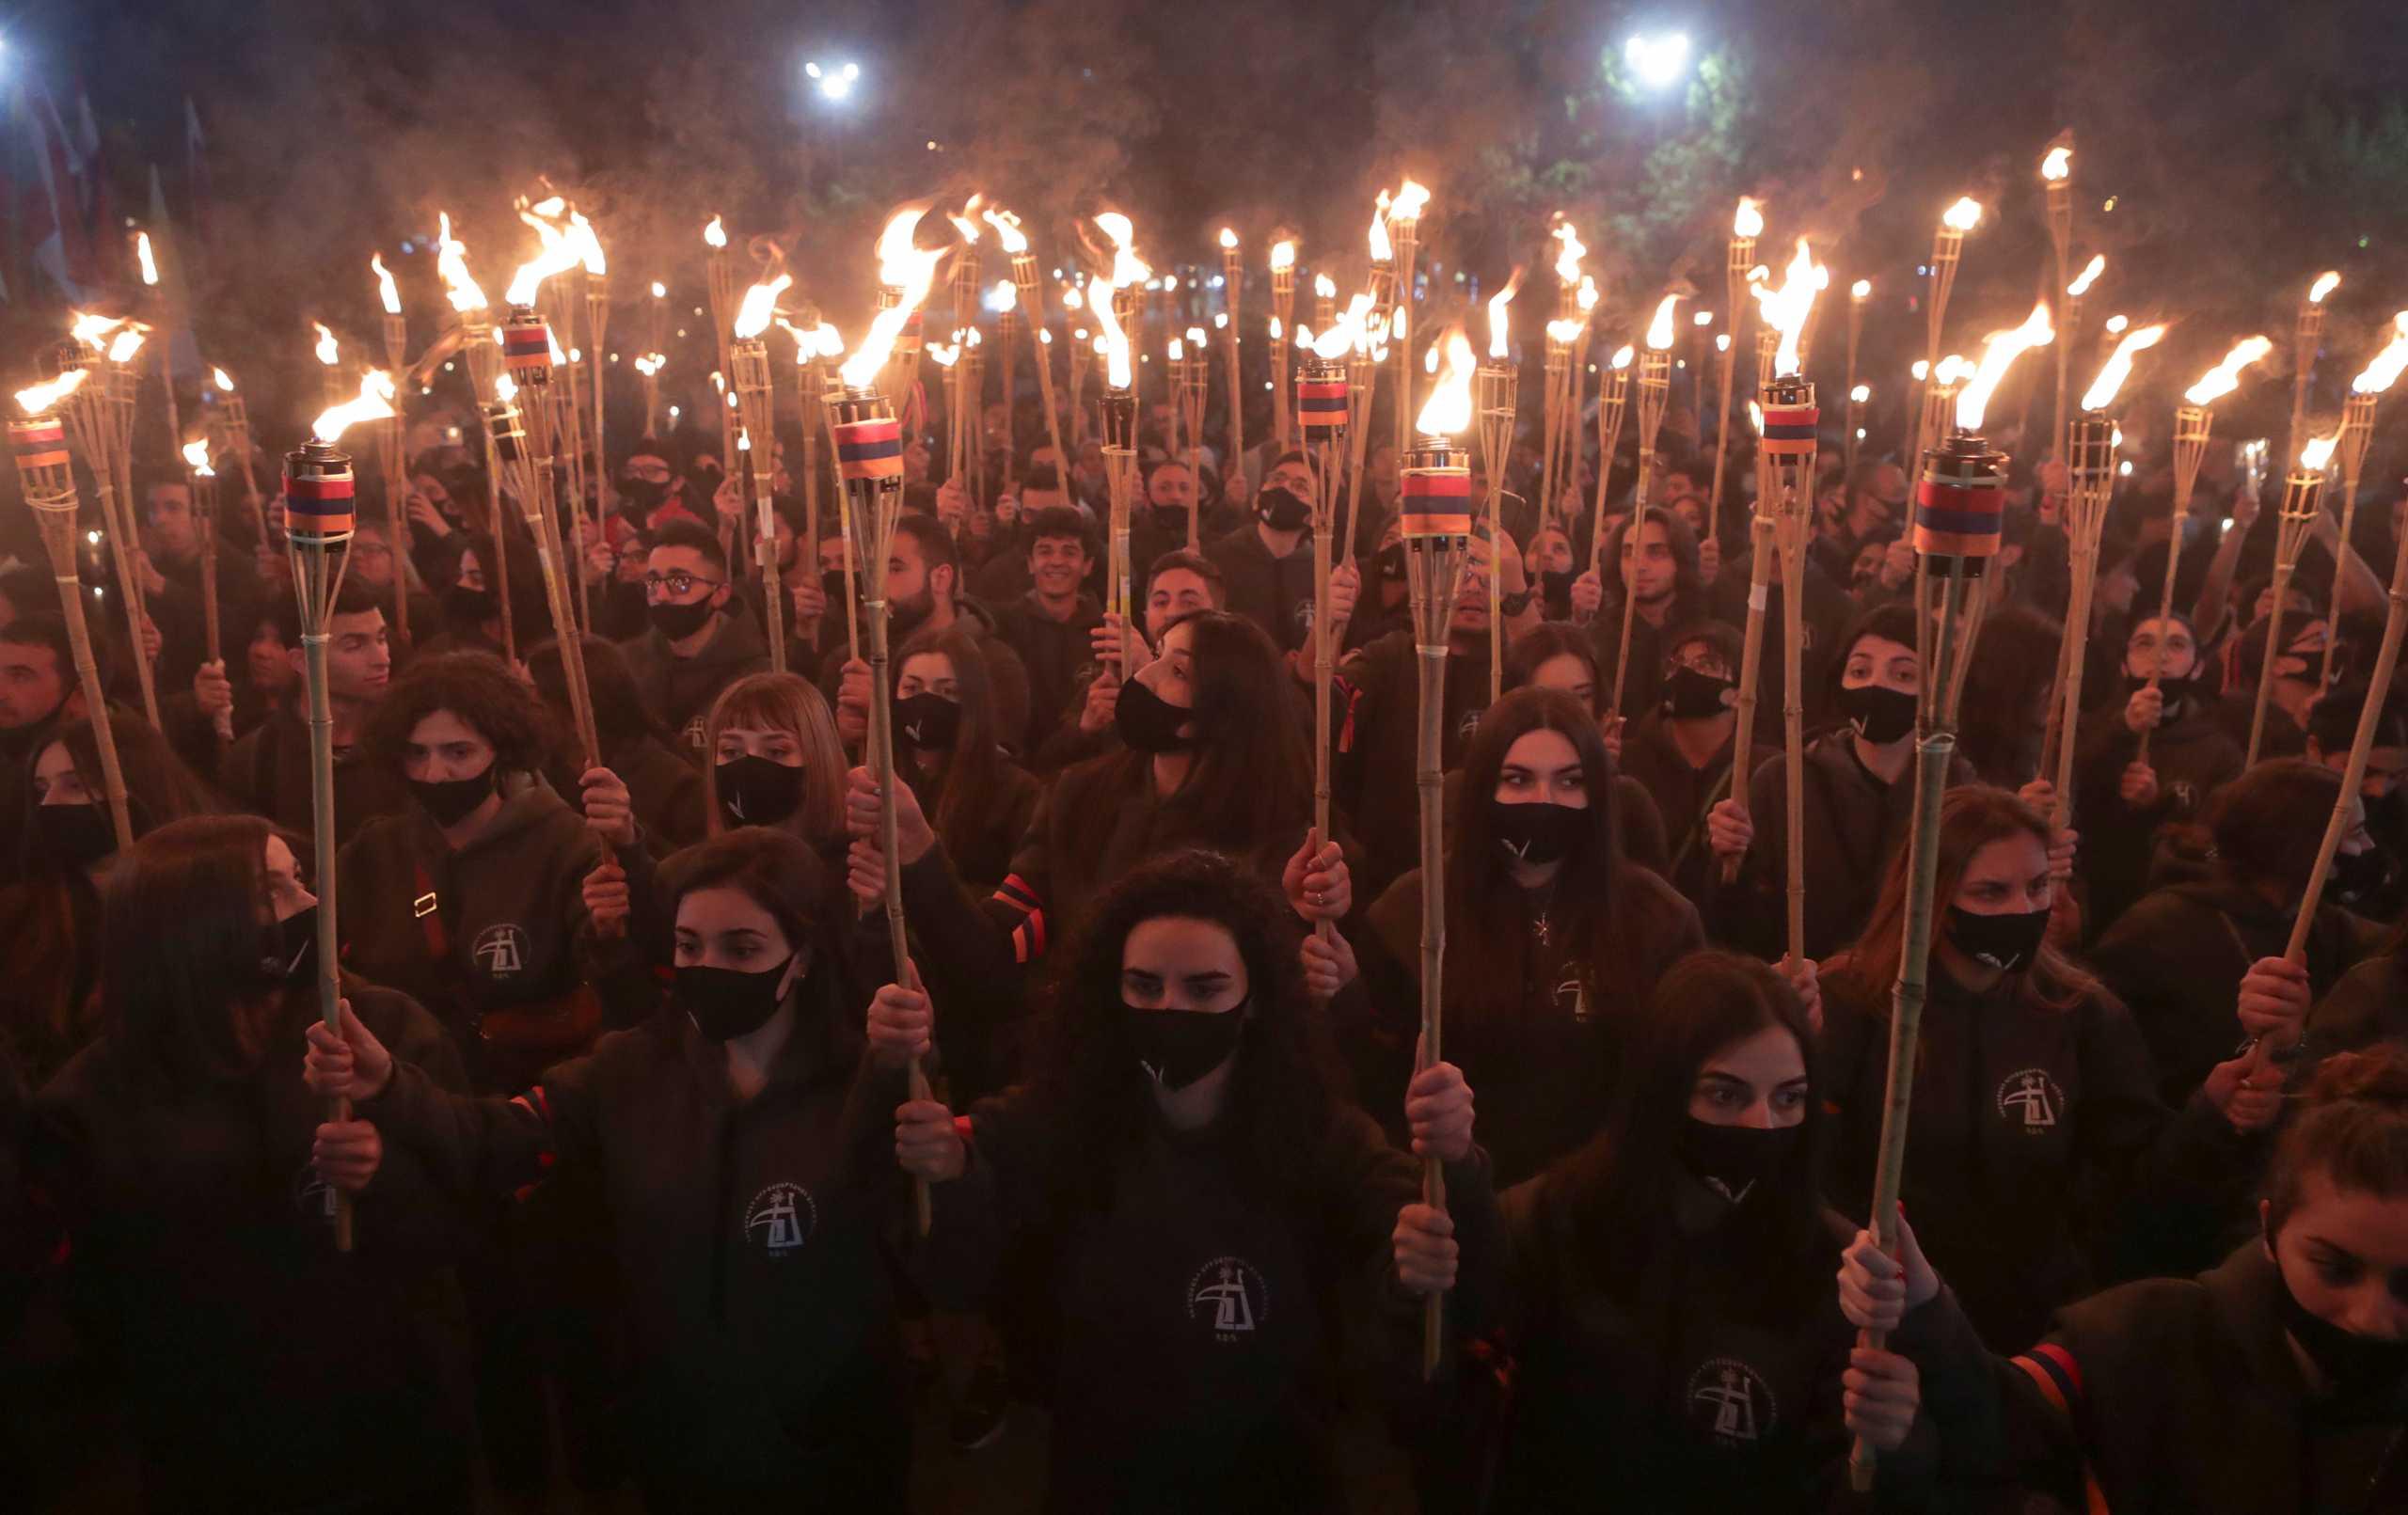 Αρμενία: Σχεδόν 10.000 άνθρωποι στην πορεία για τα θύματα της γενοκτονίας